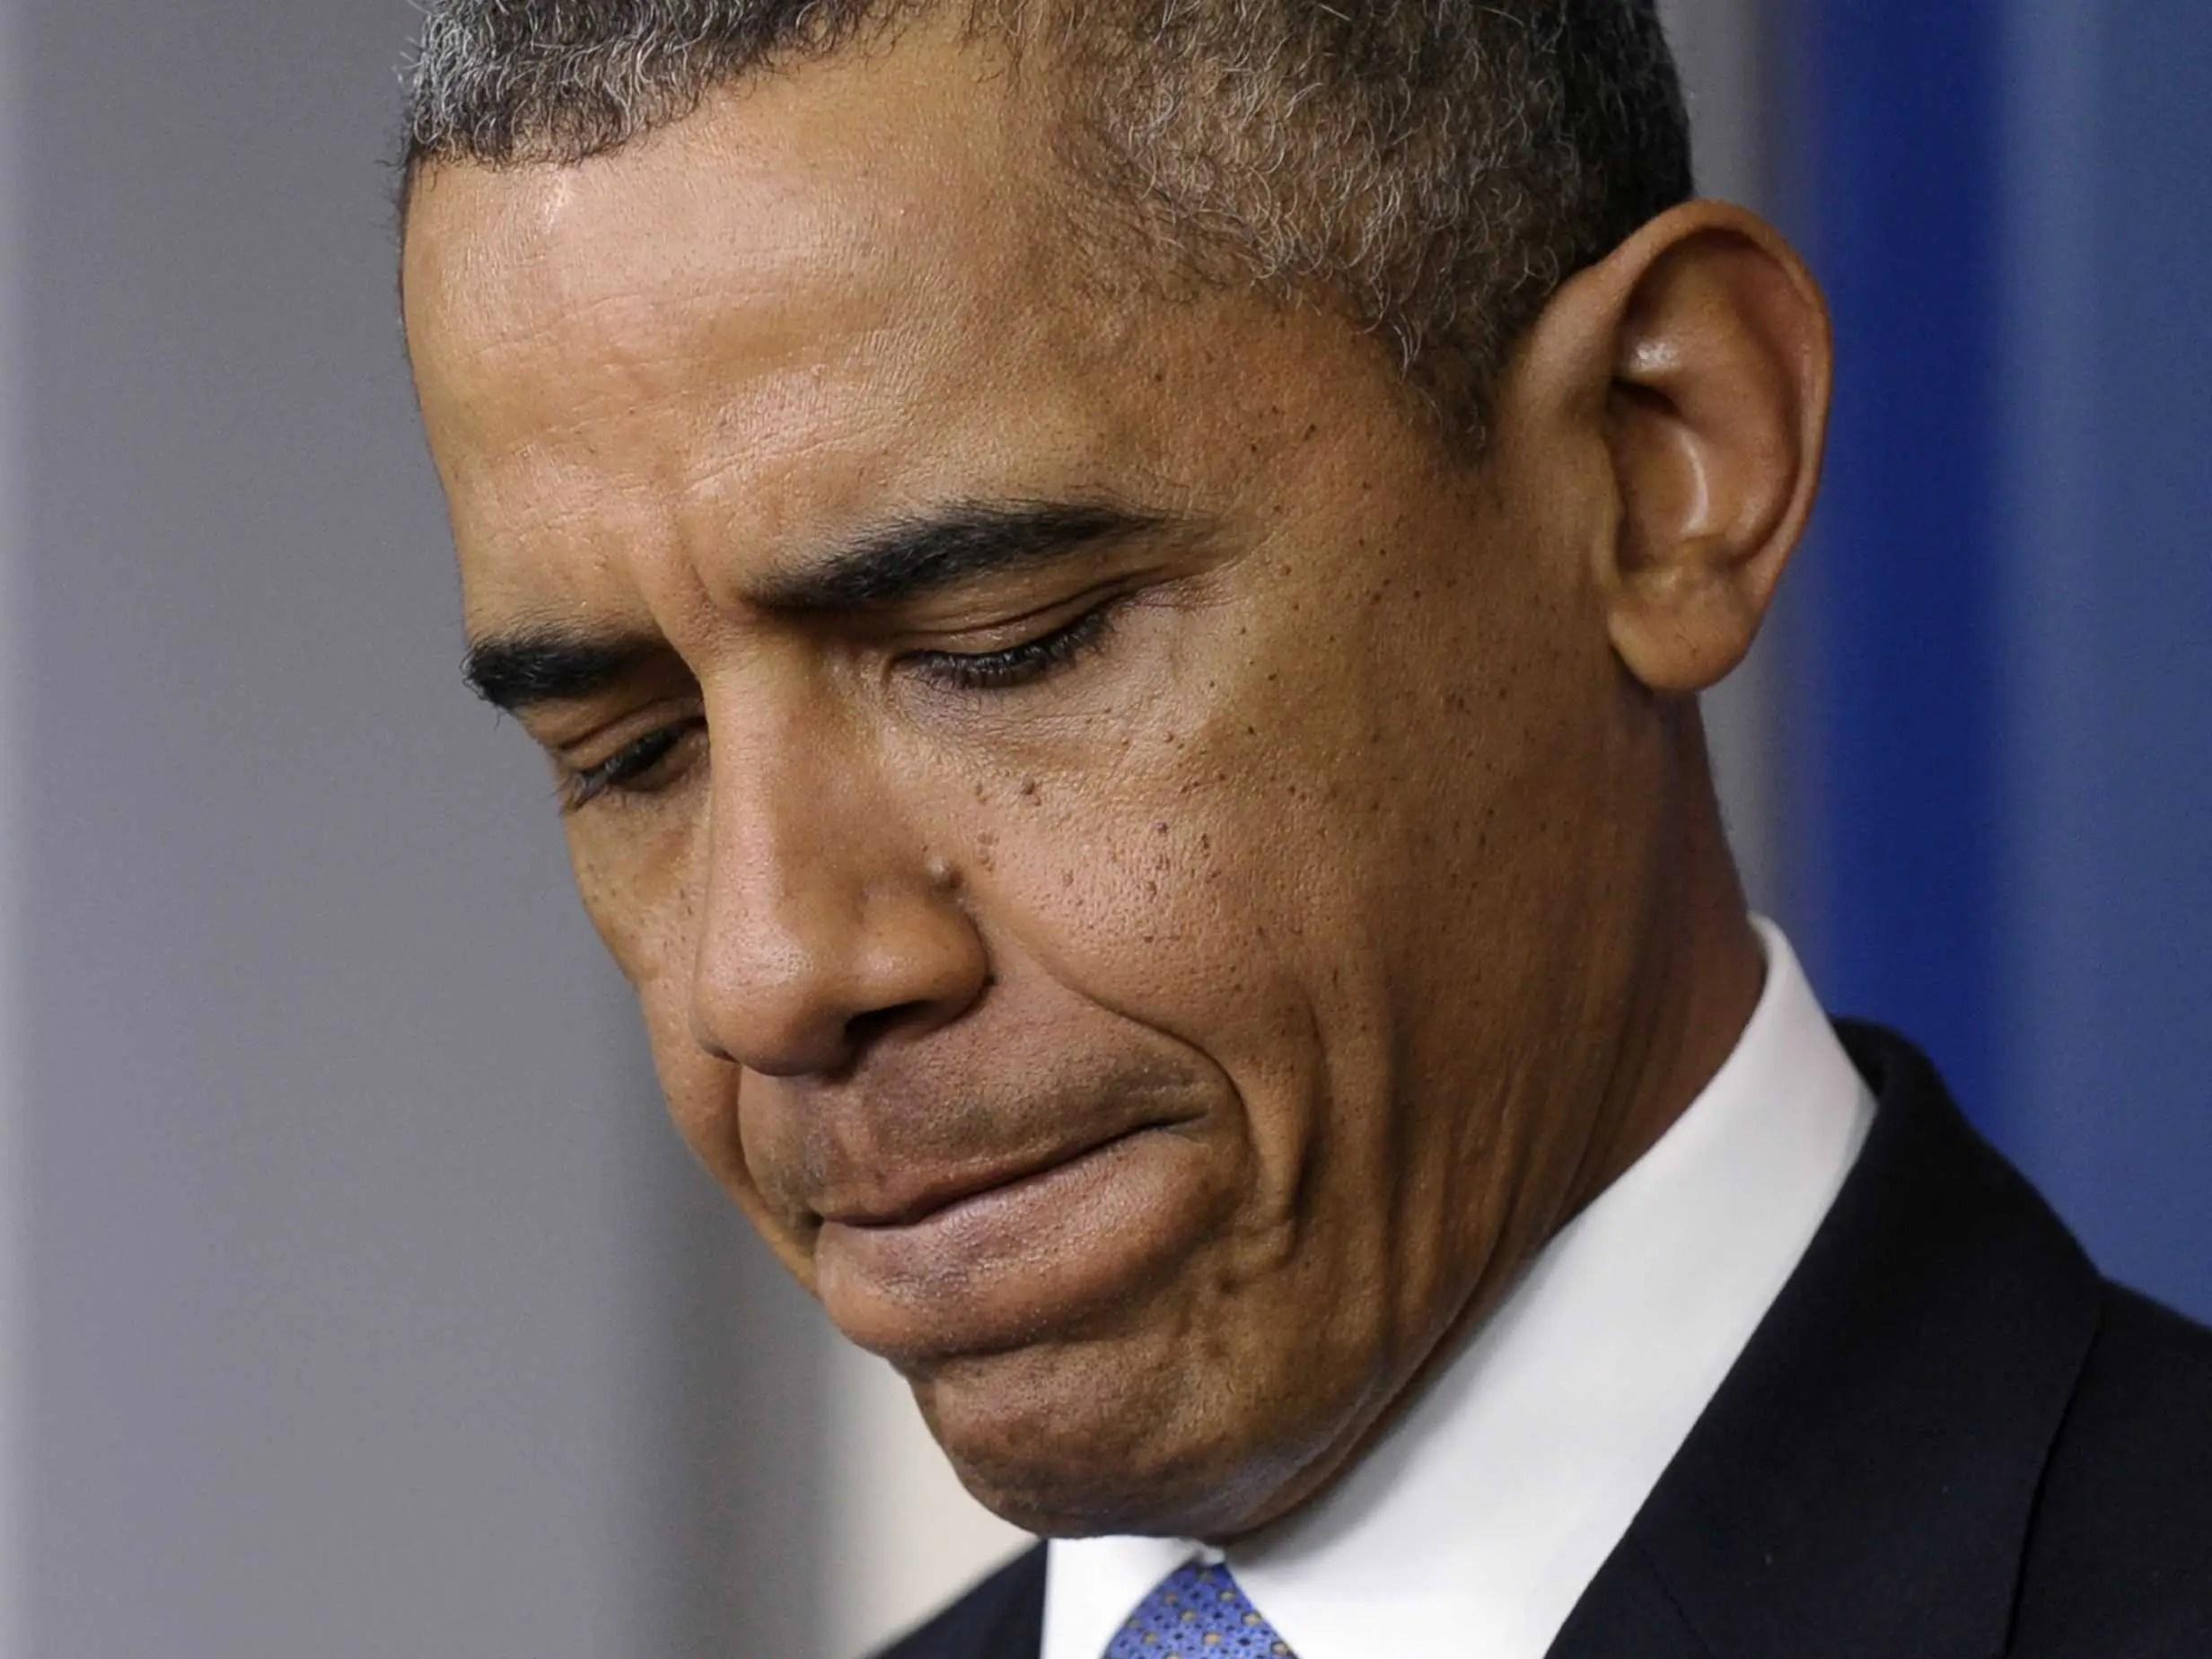 https://i1.wp.com/static4.businessinsider.com/image/5249ecf96bb3f7f25267b05d/obama-i-am-sorry.jpg